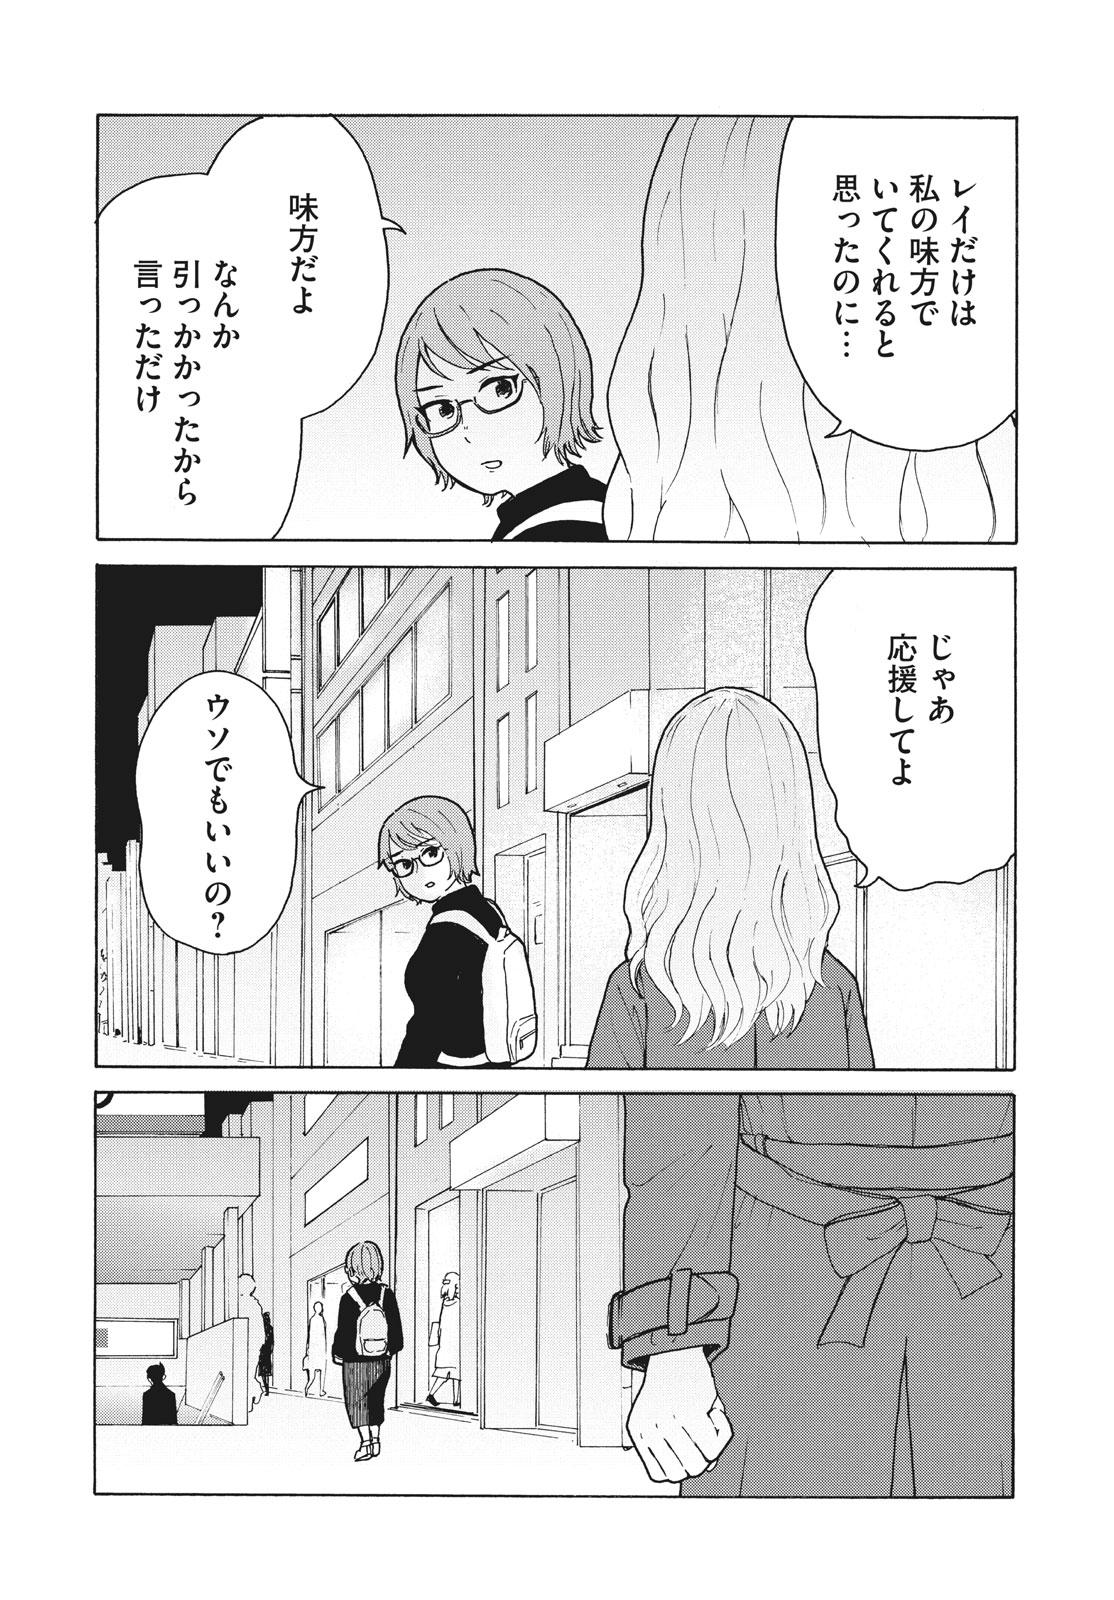 008_30日_2020_011_E.jpg